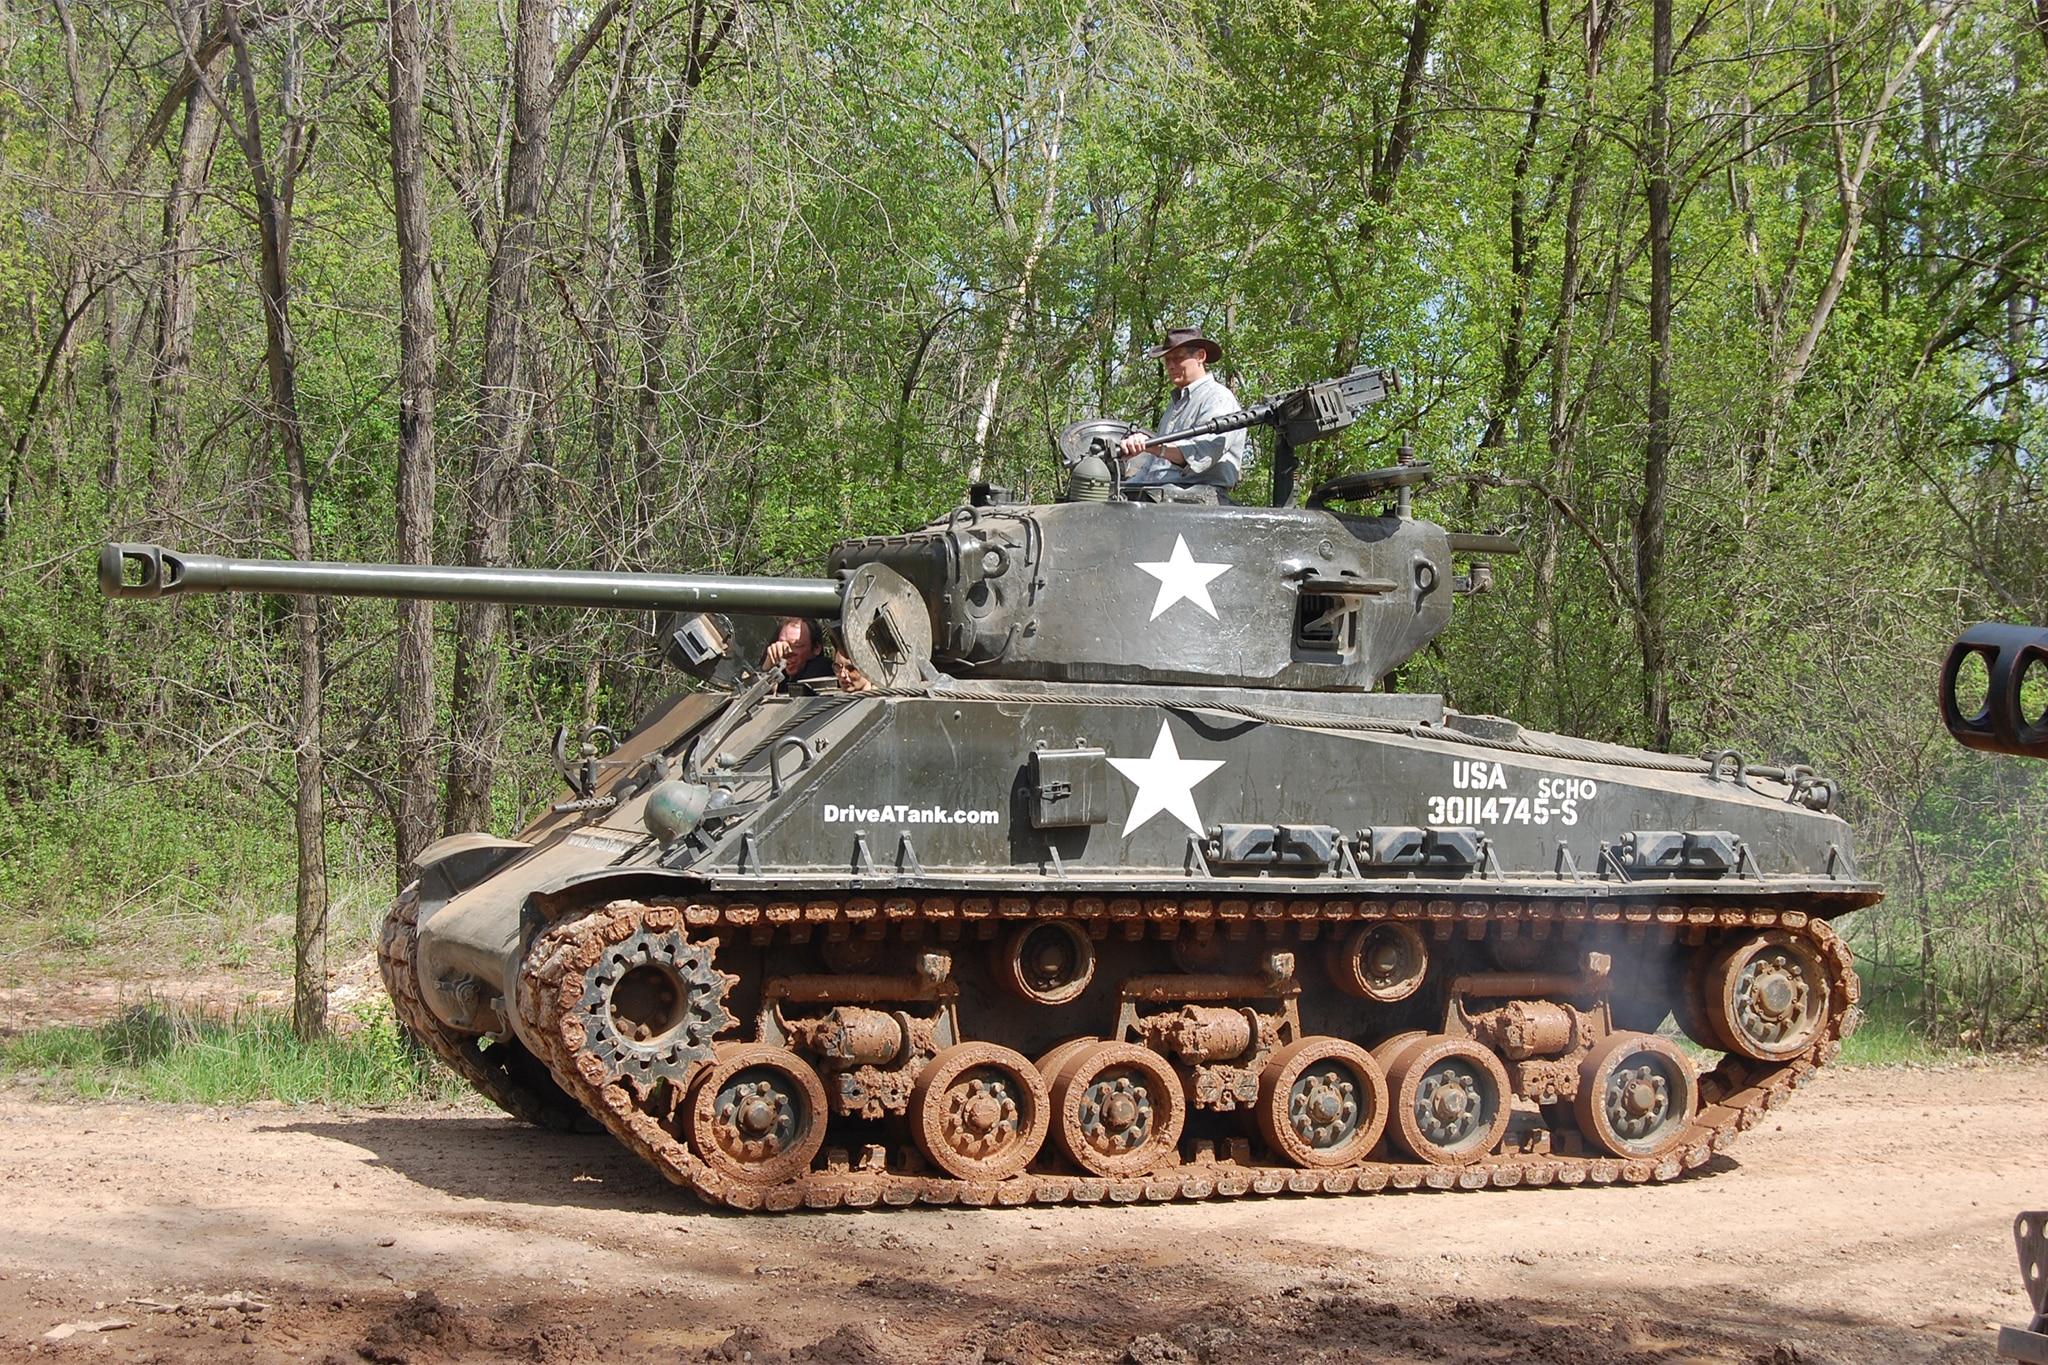 Drive A Tank 47